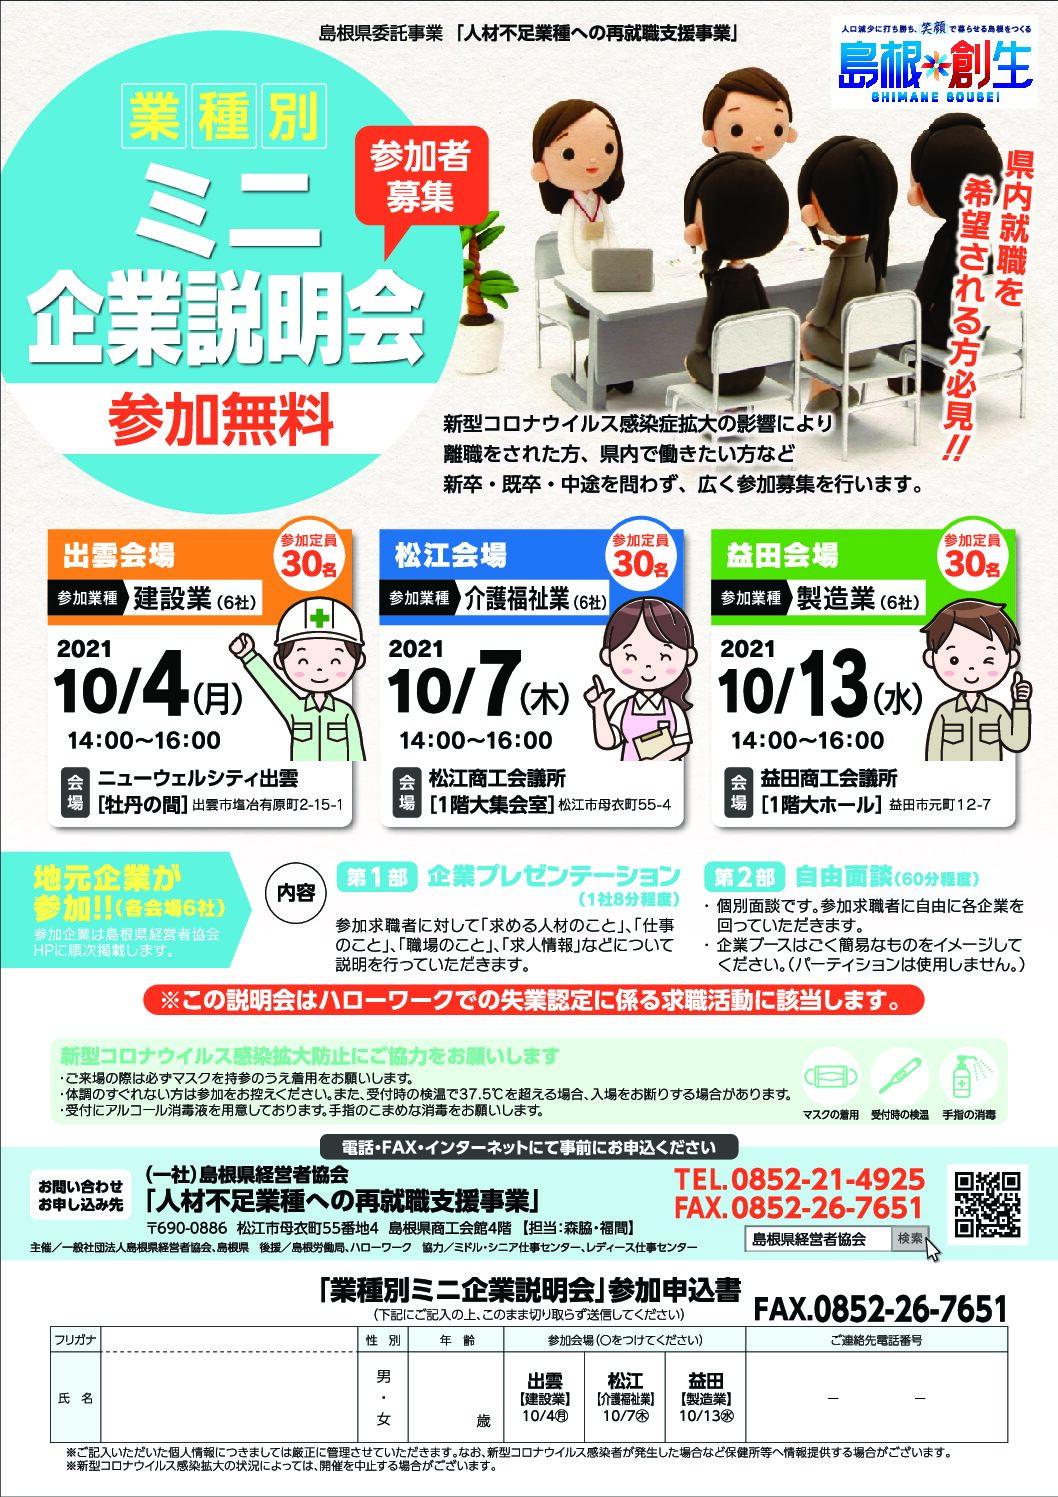 「業種別ミニ企業説明会(松江会場:介護福祉業)」チラシ